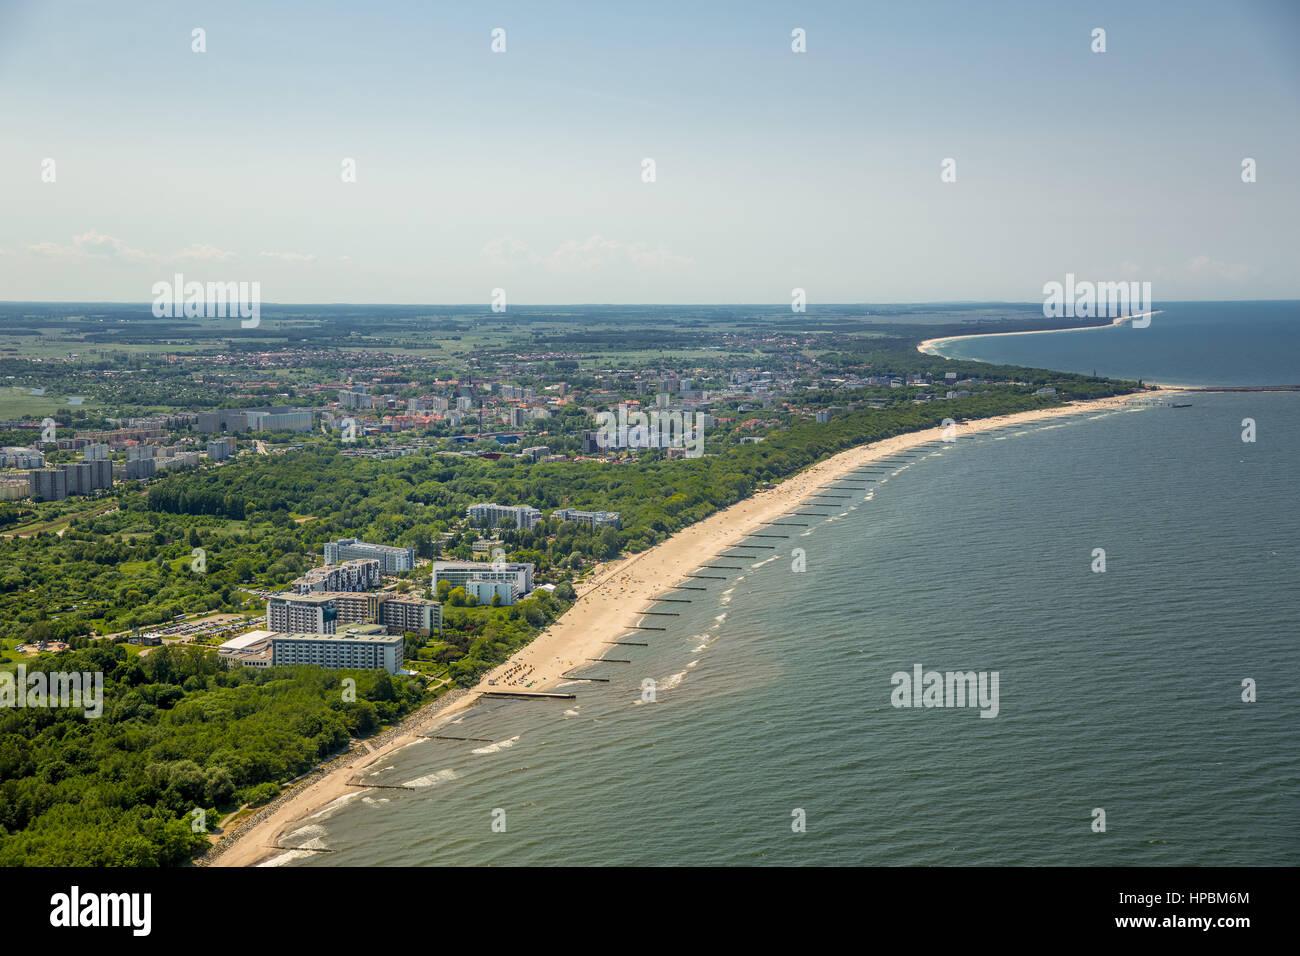 Sandstrand, beach baskets, Kołobrzeg, East seaside, holiday region, Województwo zachodniopomorskie, Poland - Stock Image